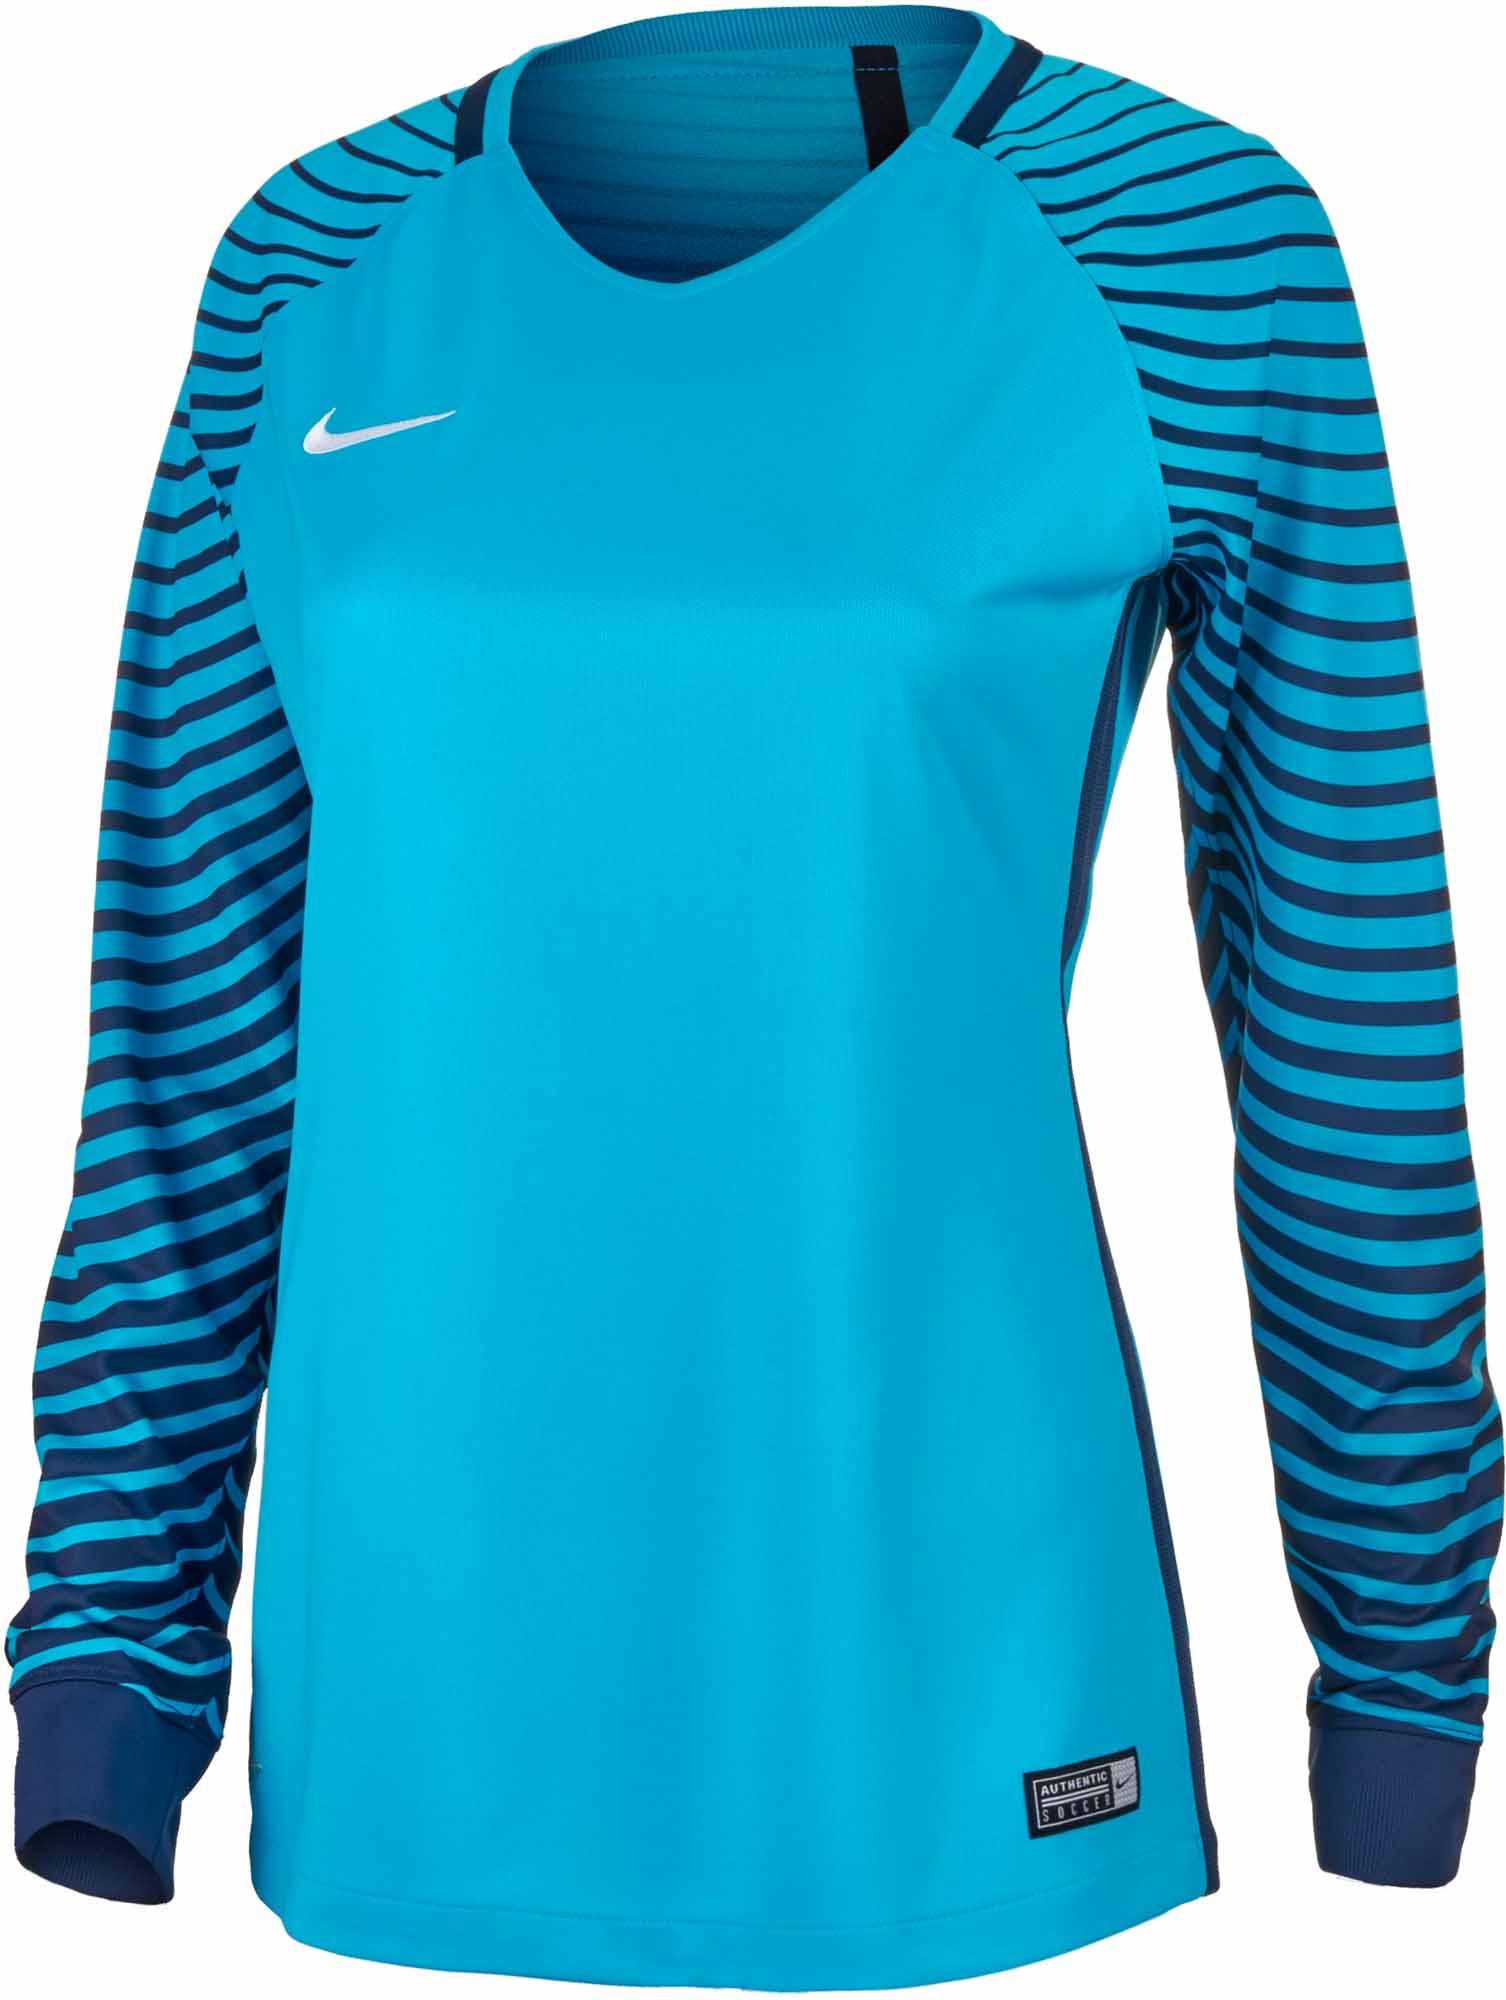 Nike Womens Gardien Goalkeeper Jersey